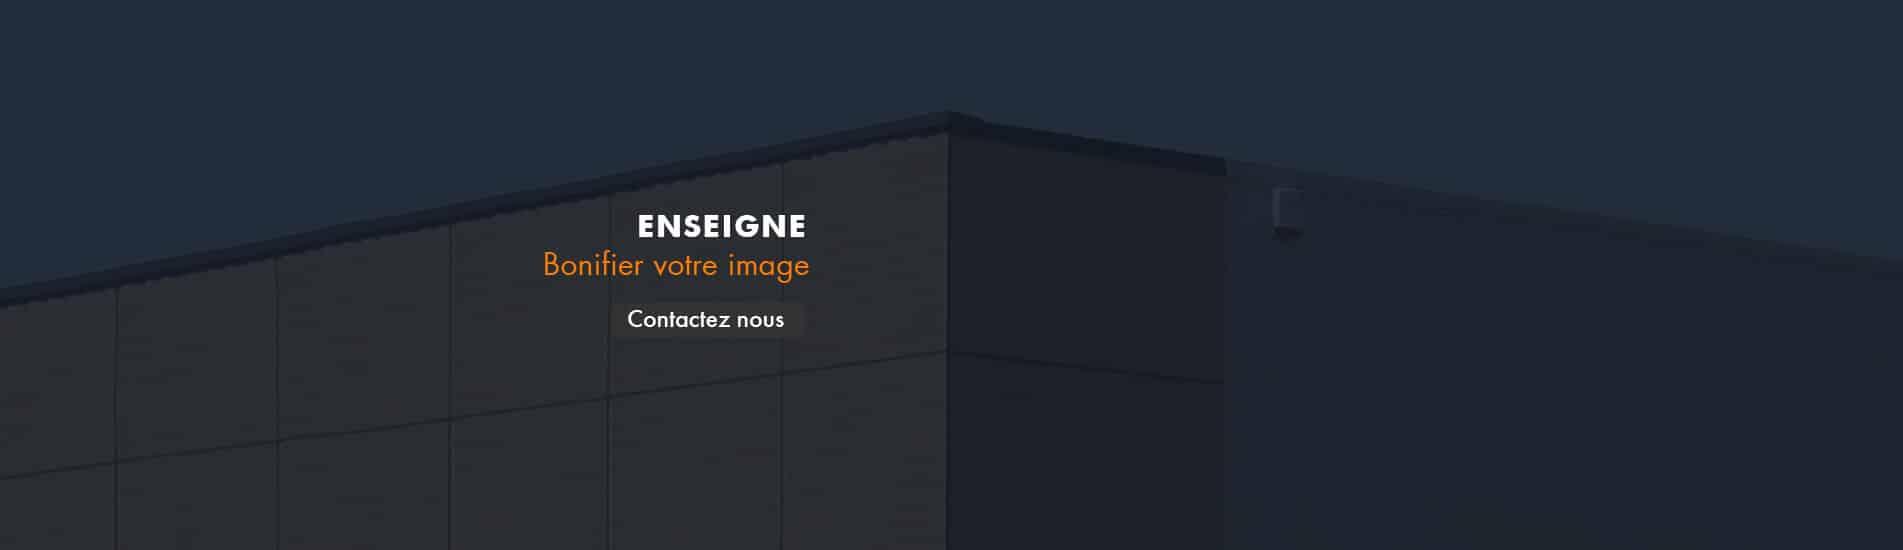 Enseignes, bonifier votre image avec Studio218